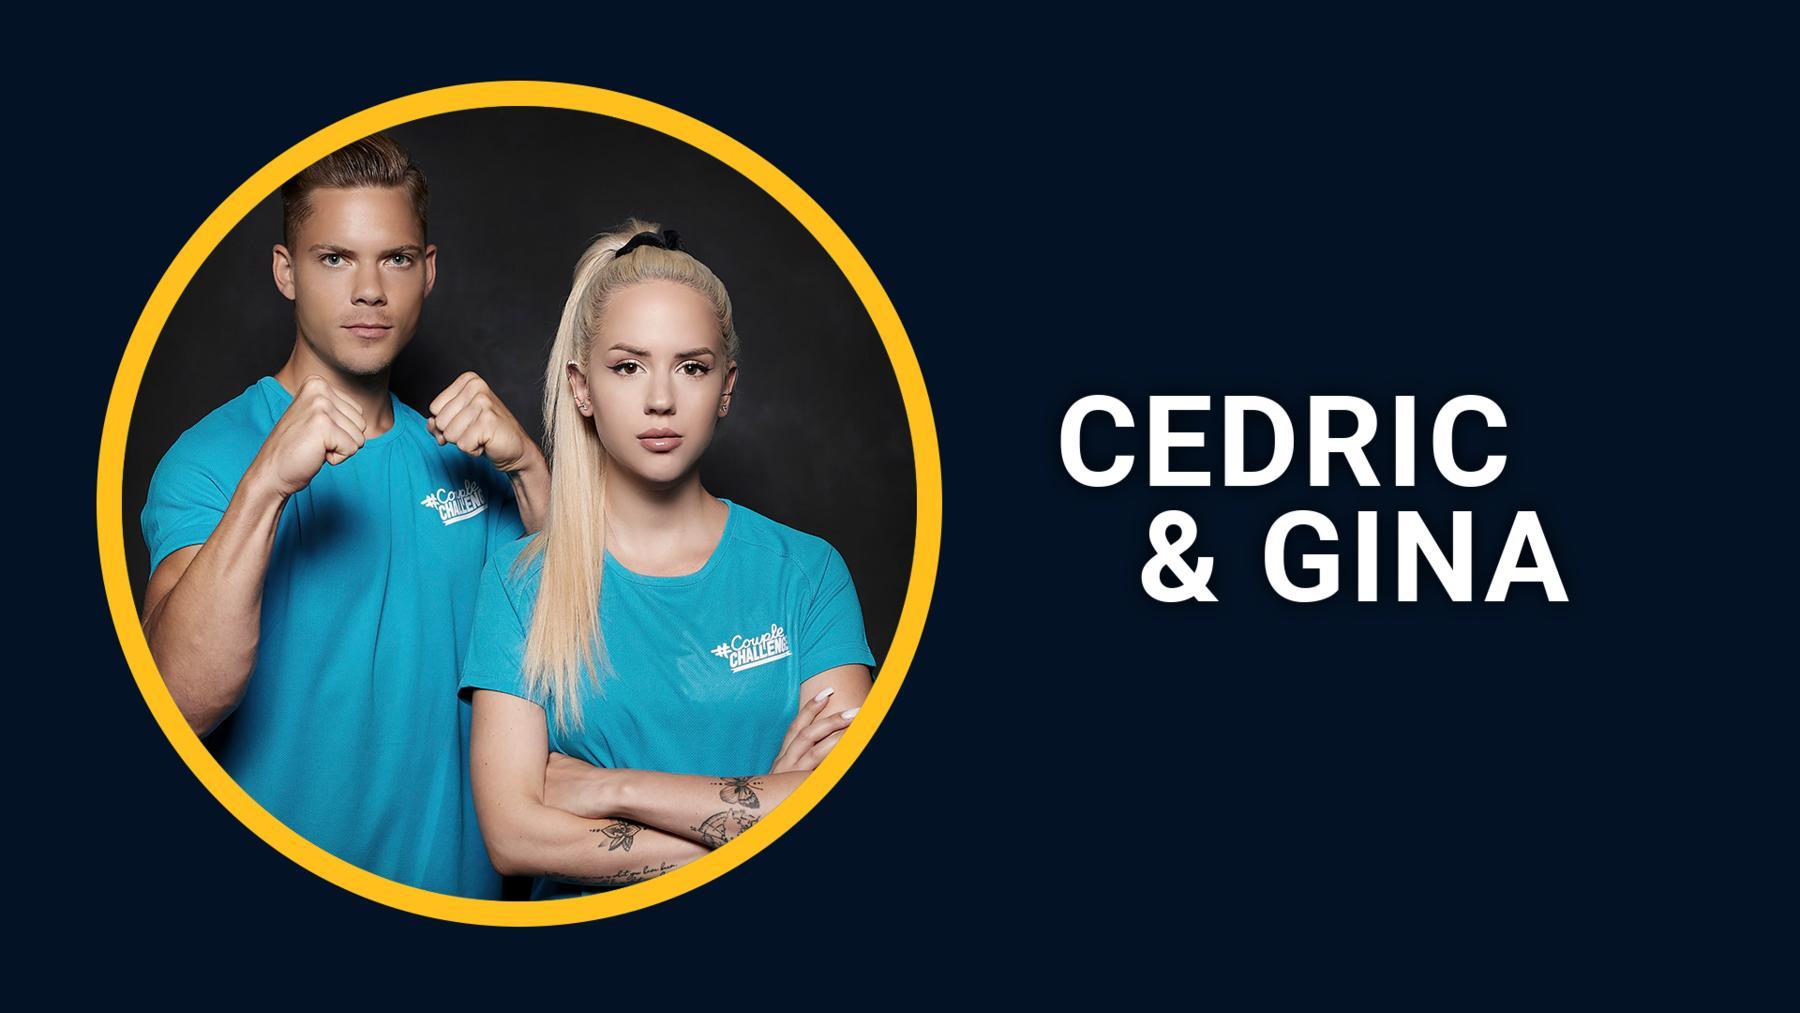 Cedric & Gina